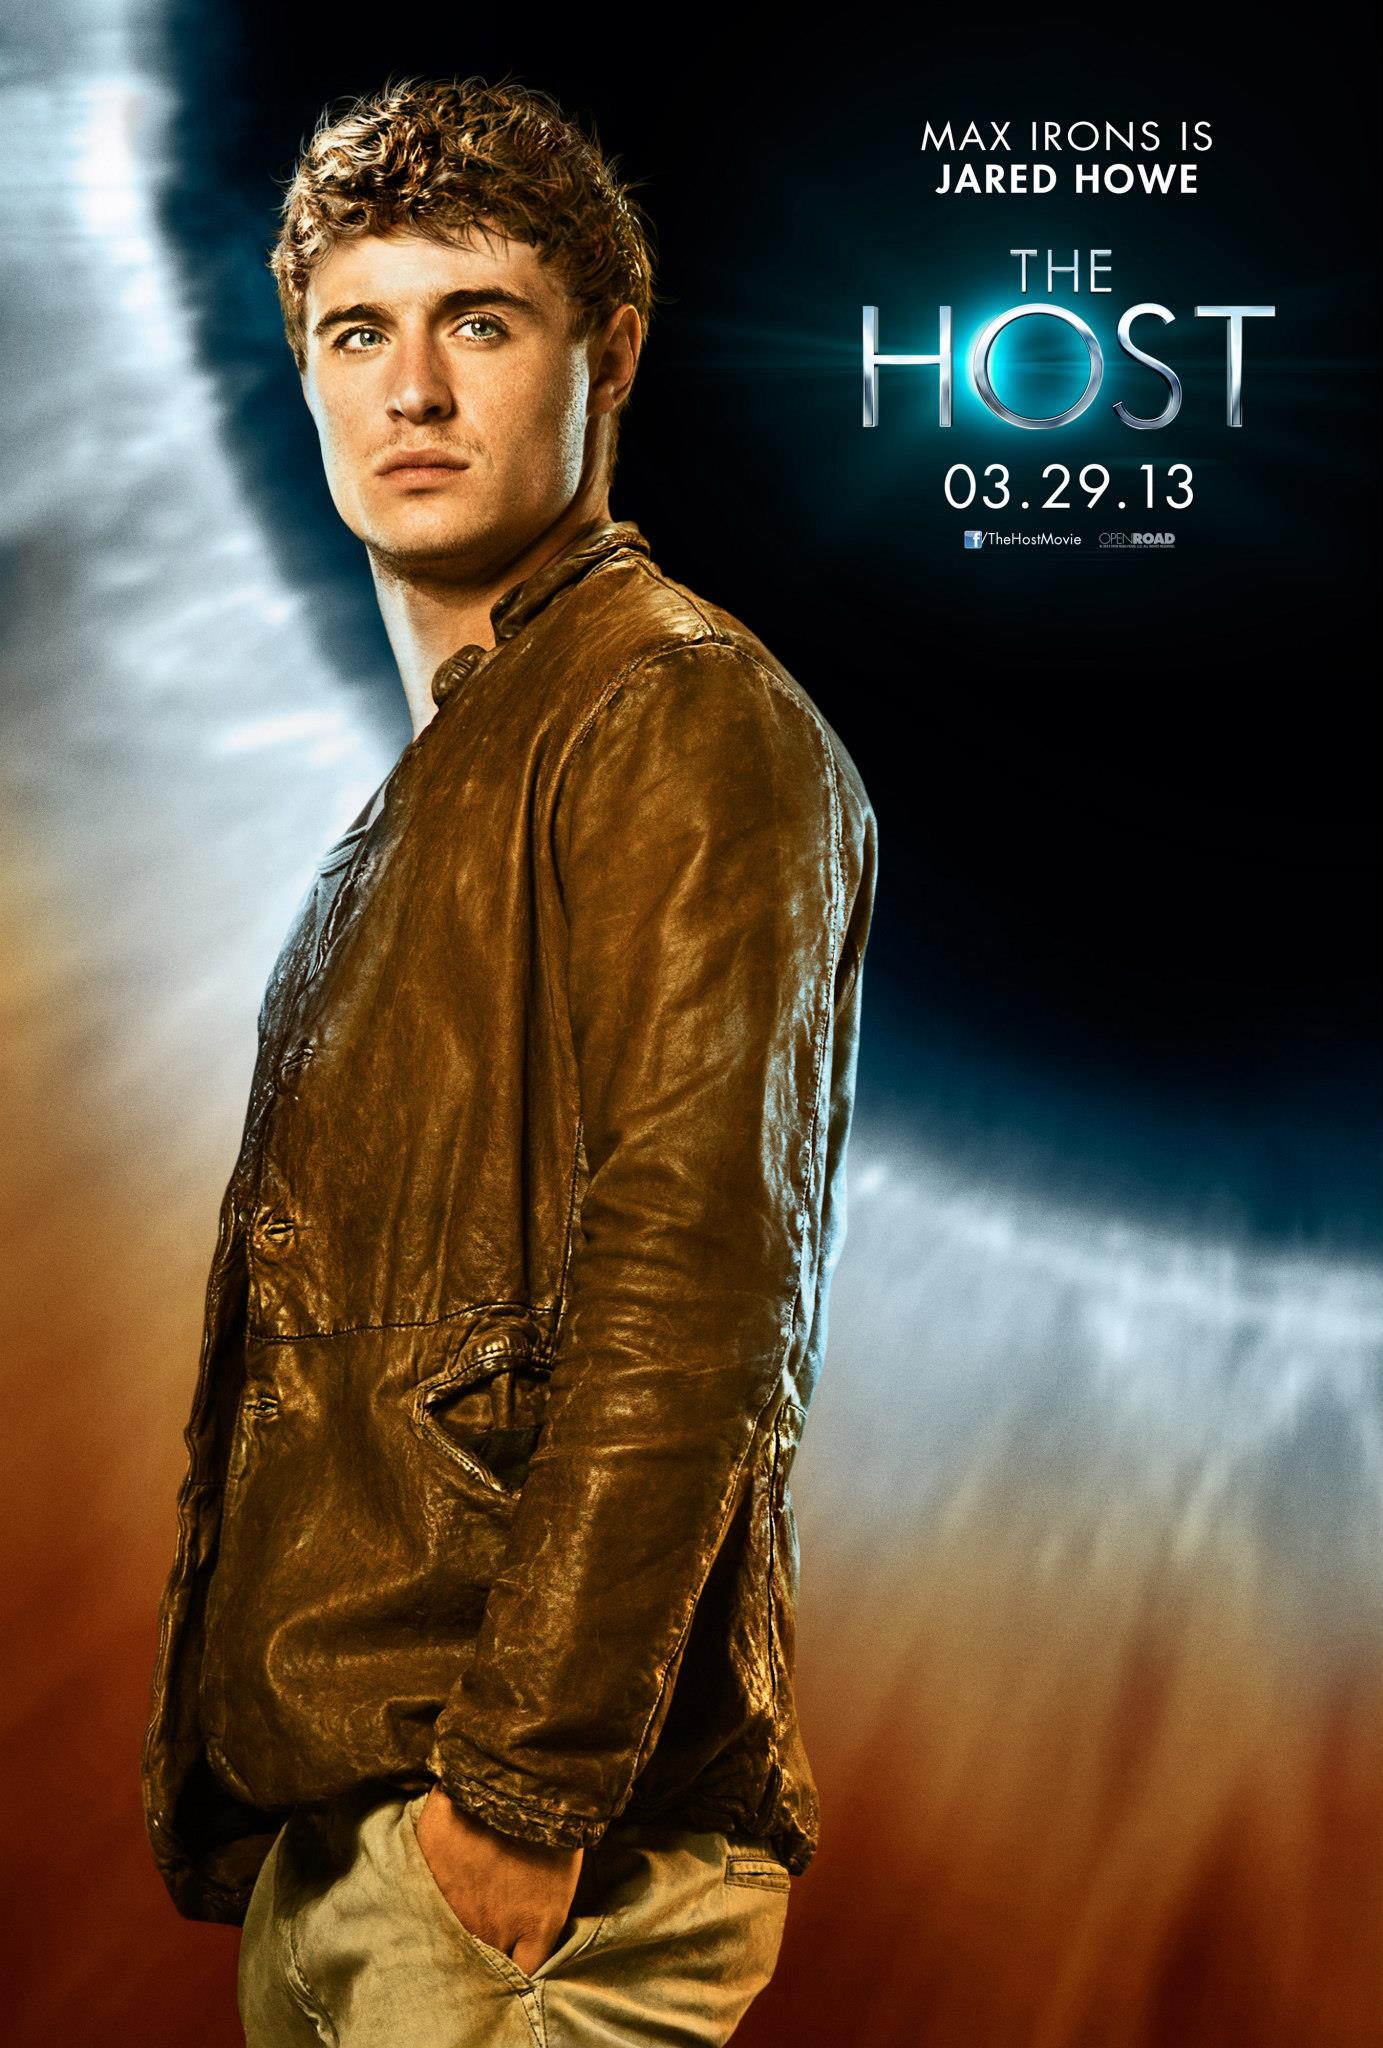 The Host - Movie Poster #6 (Original)